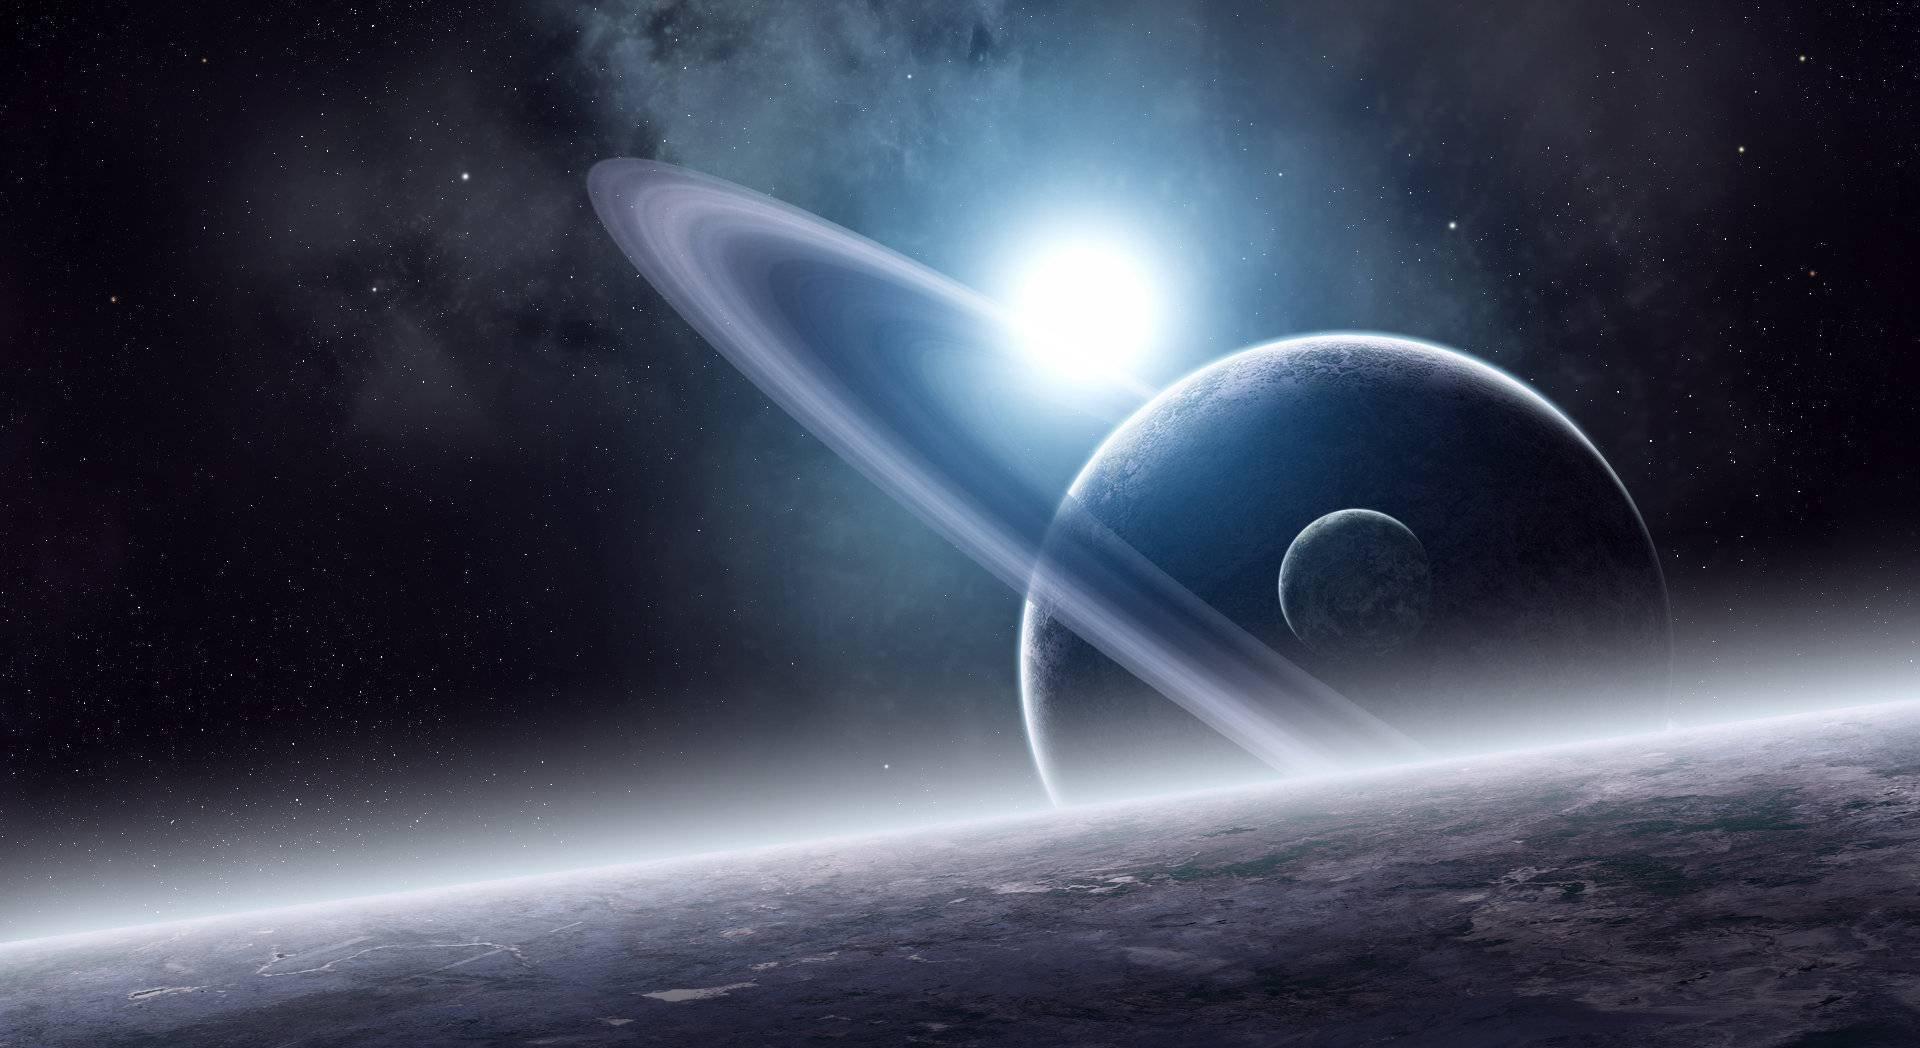 Ученые узнали, кчему приведет сближение Сатурна иЗемли